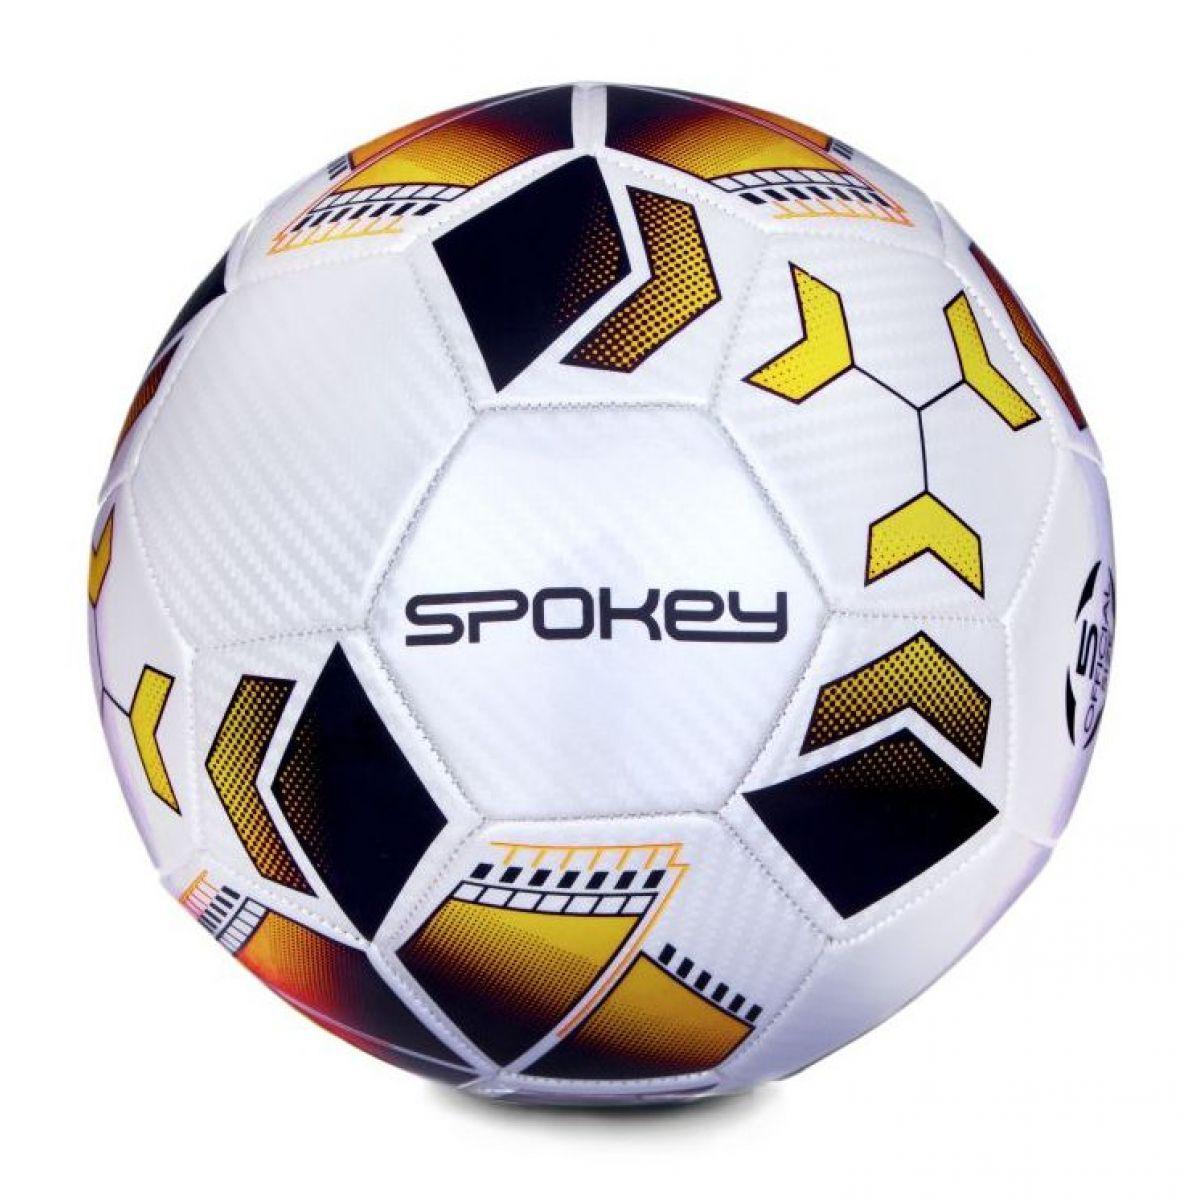 Spokey Agilit futbalová lopta veľkosť 5 čierno-oranžová